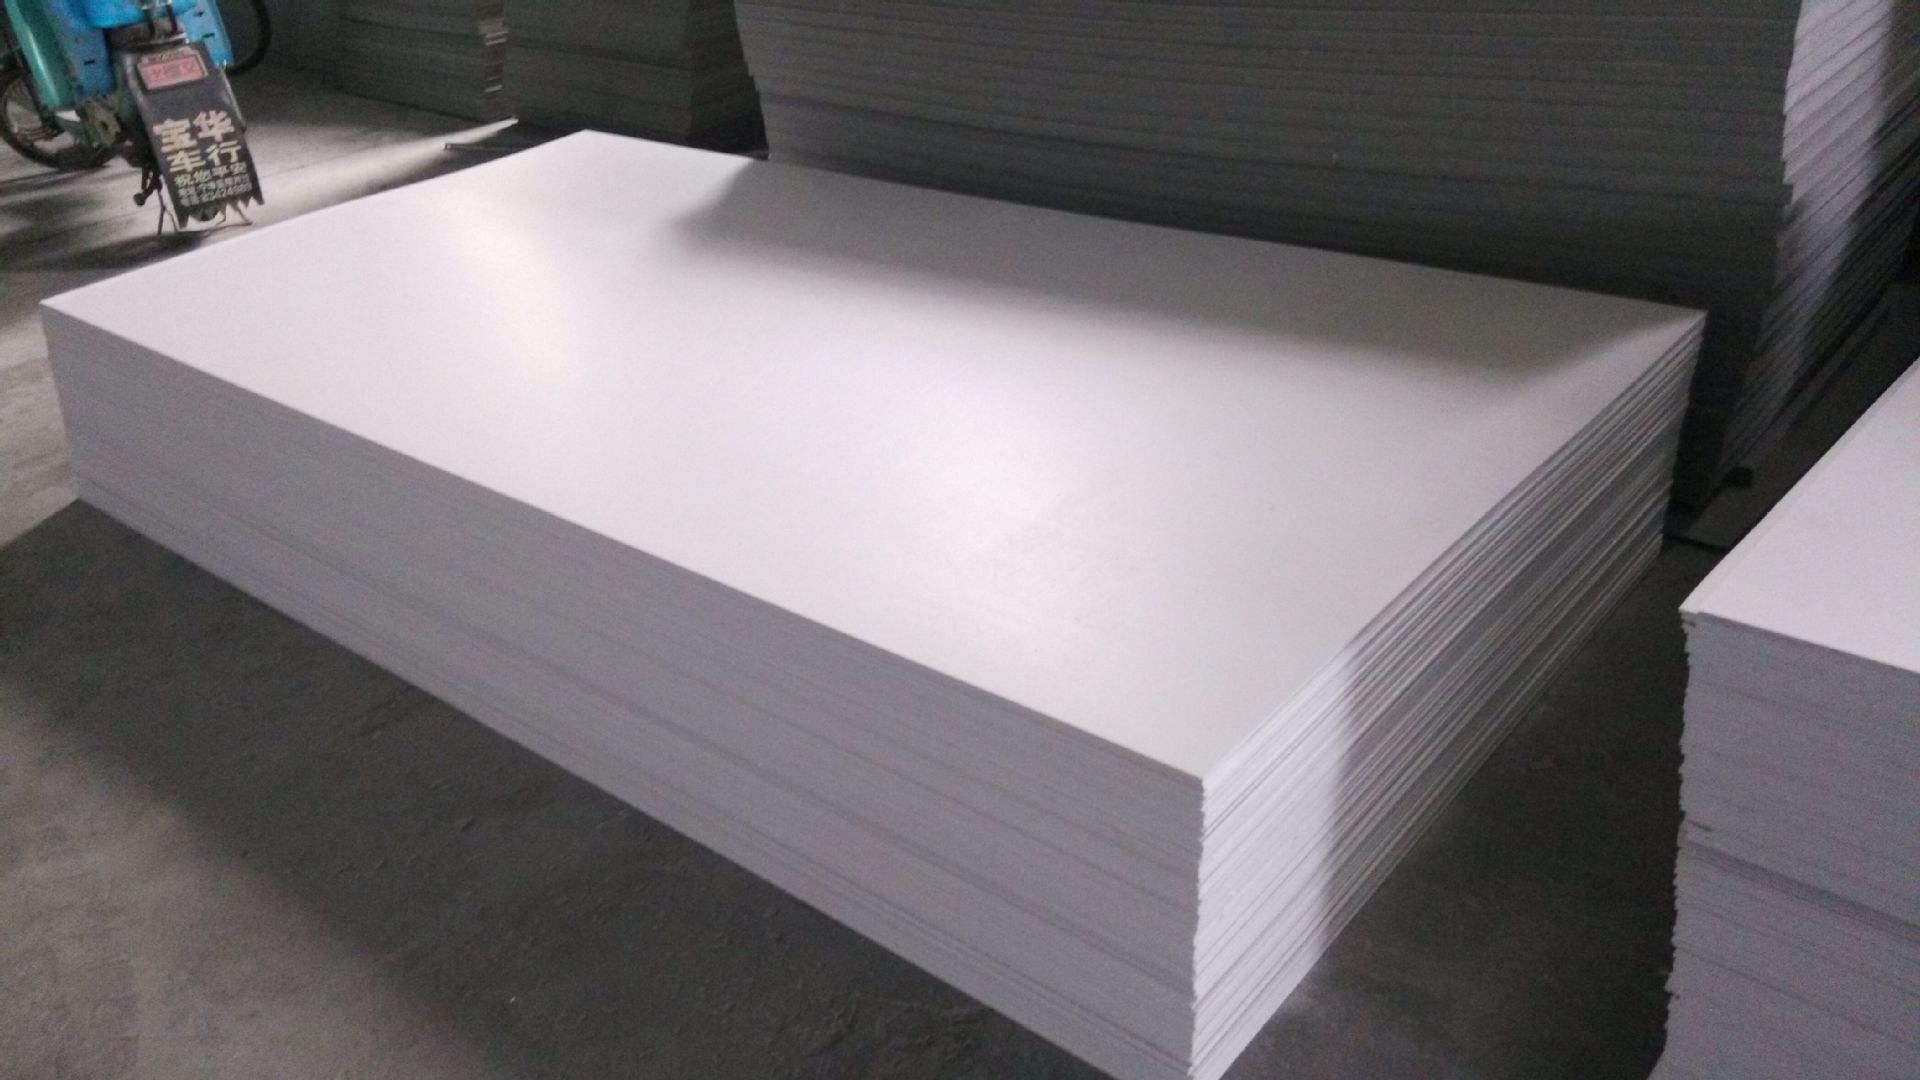 用什么方法可以除去PVC硬板上边的污迹呢?